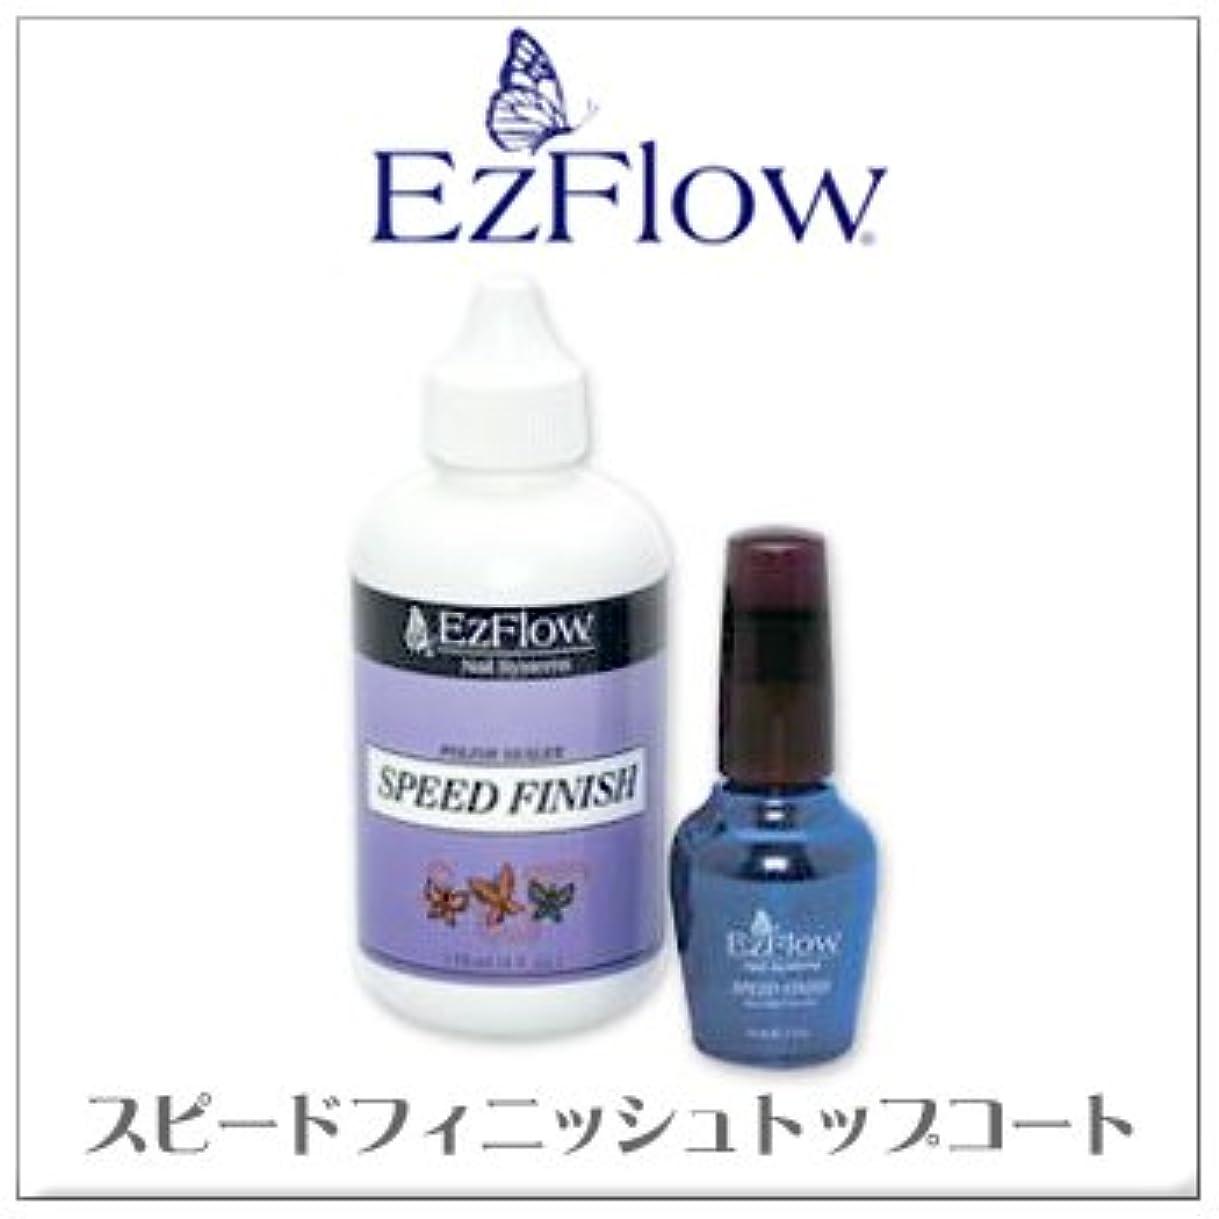 王朝ブロックタイルEz-Flow (イージーフロー) スピードフィニッシュトップコート (1/2oz)